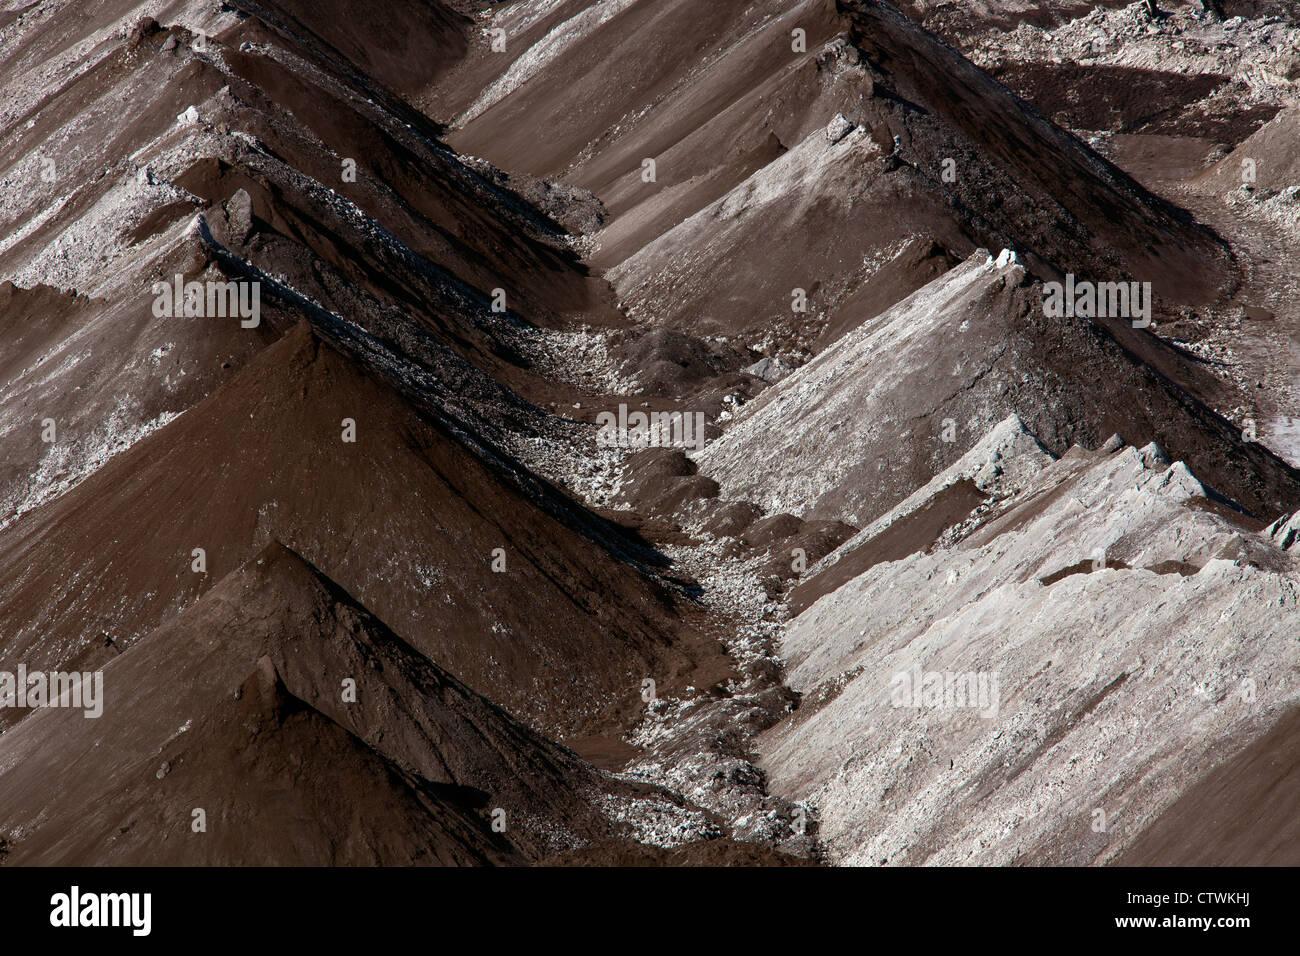 Verderben Haufen aus extrahierten Braunkohle / Braunkohle im Tagebau abbauen, Sachsen-Anhalt, Deutschland Stockbild